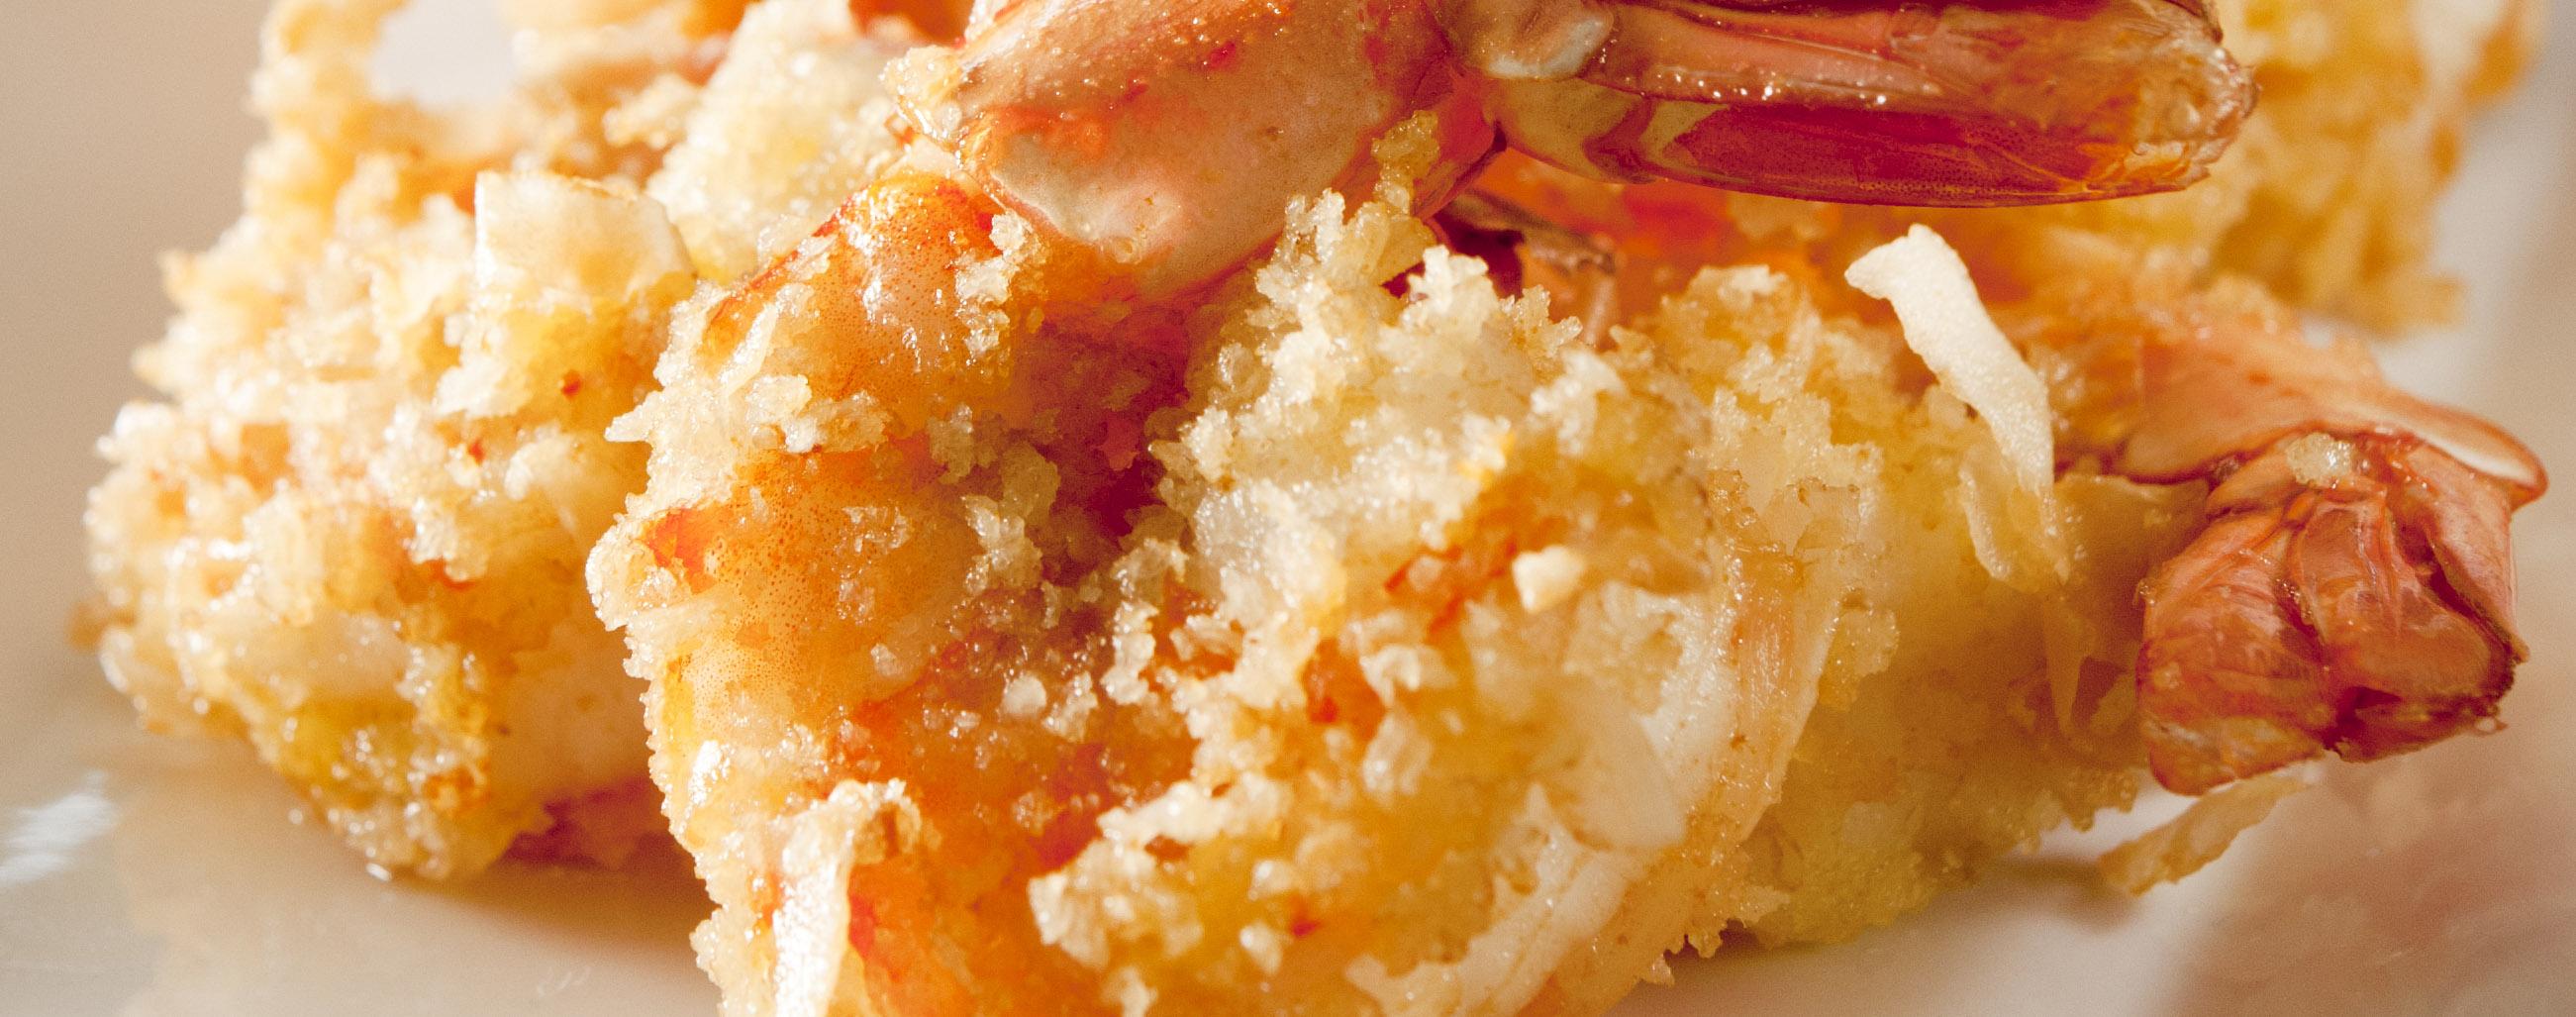 coconut shrimp, easy coconut shrimp recipe, how to make coconut shrimp, authentic coconut shrimp